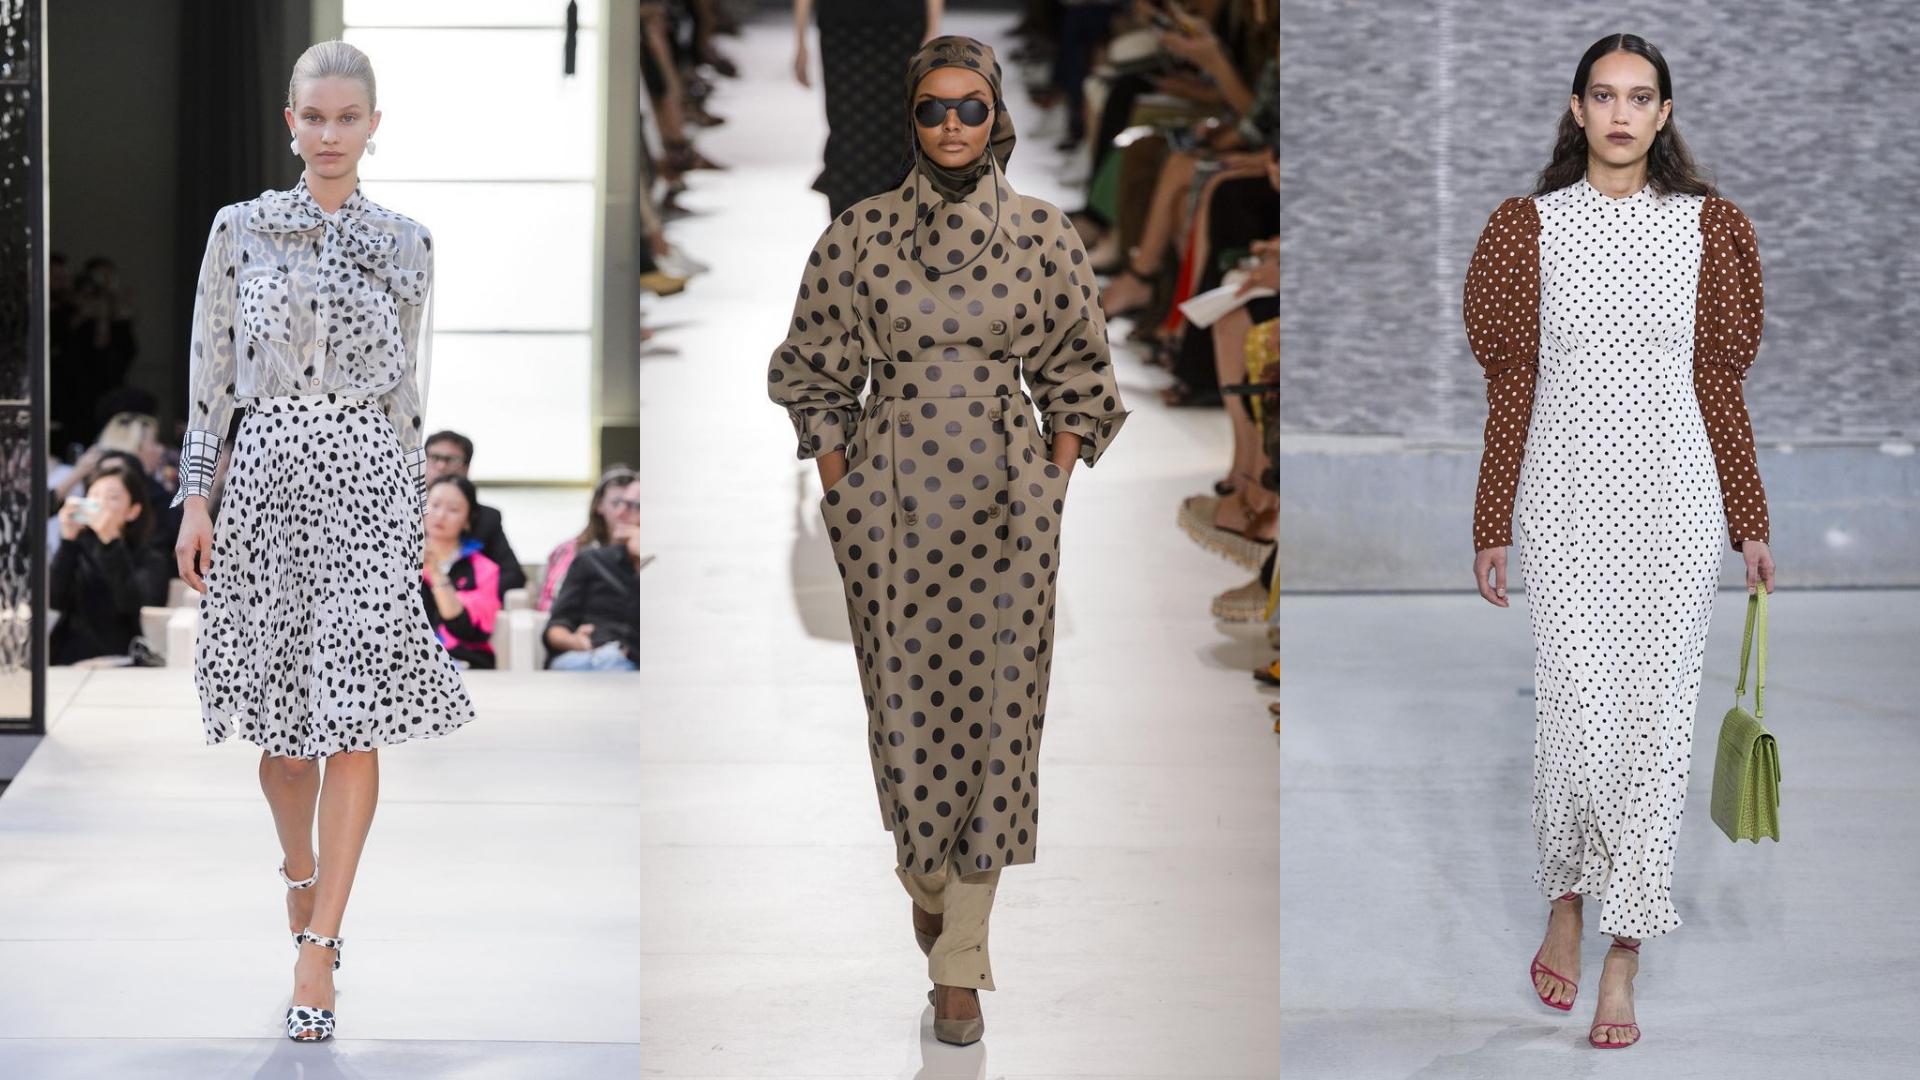 xu hướng thời trang 2019 15